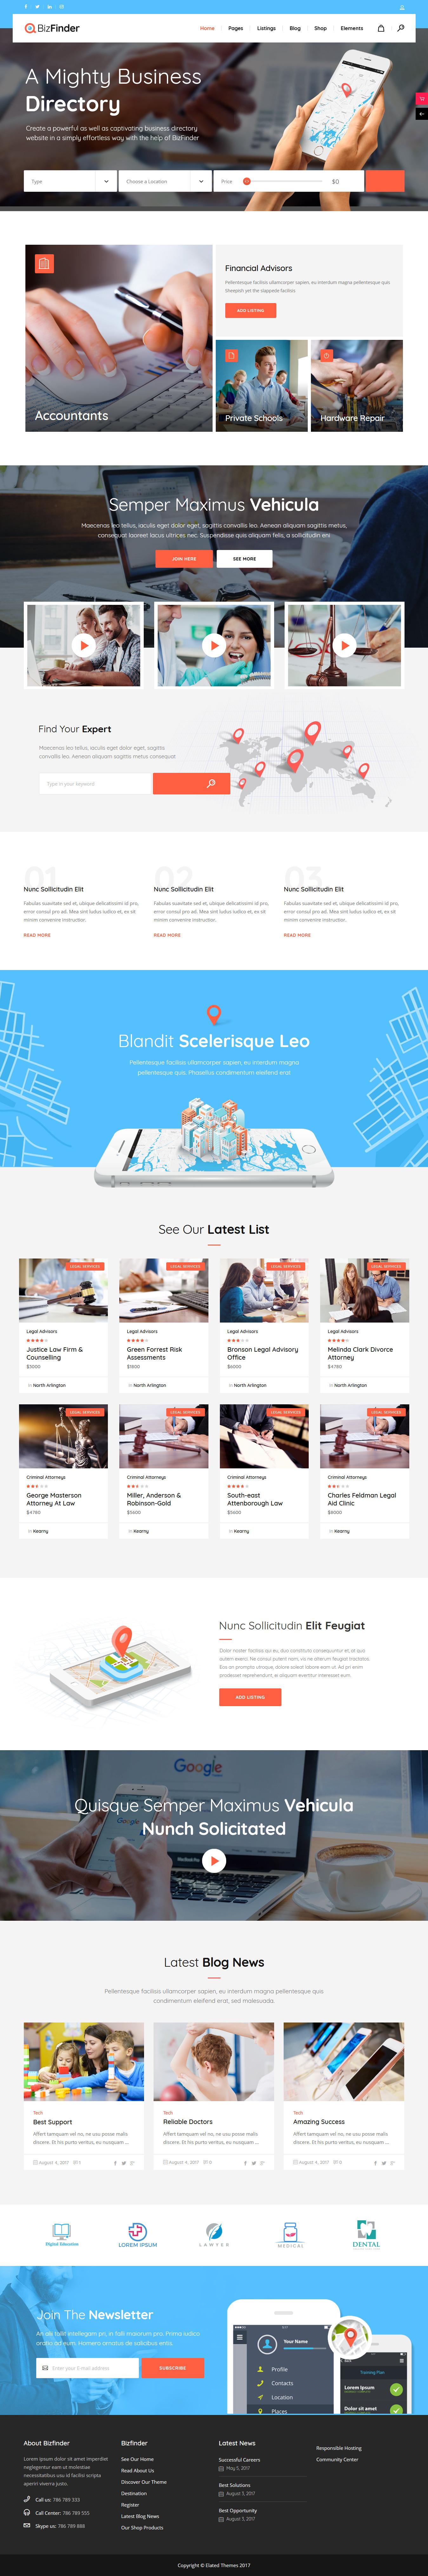 Bizzfinder: el mejor tema de WordPress clasificado premium